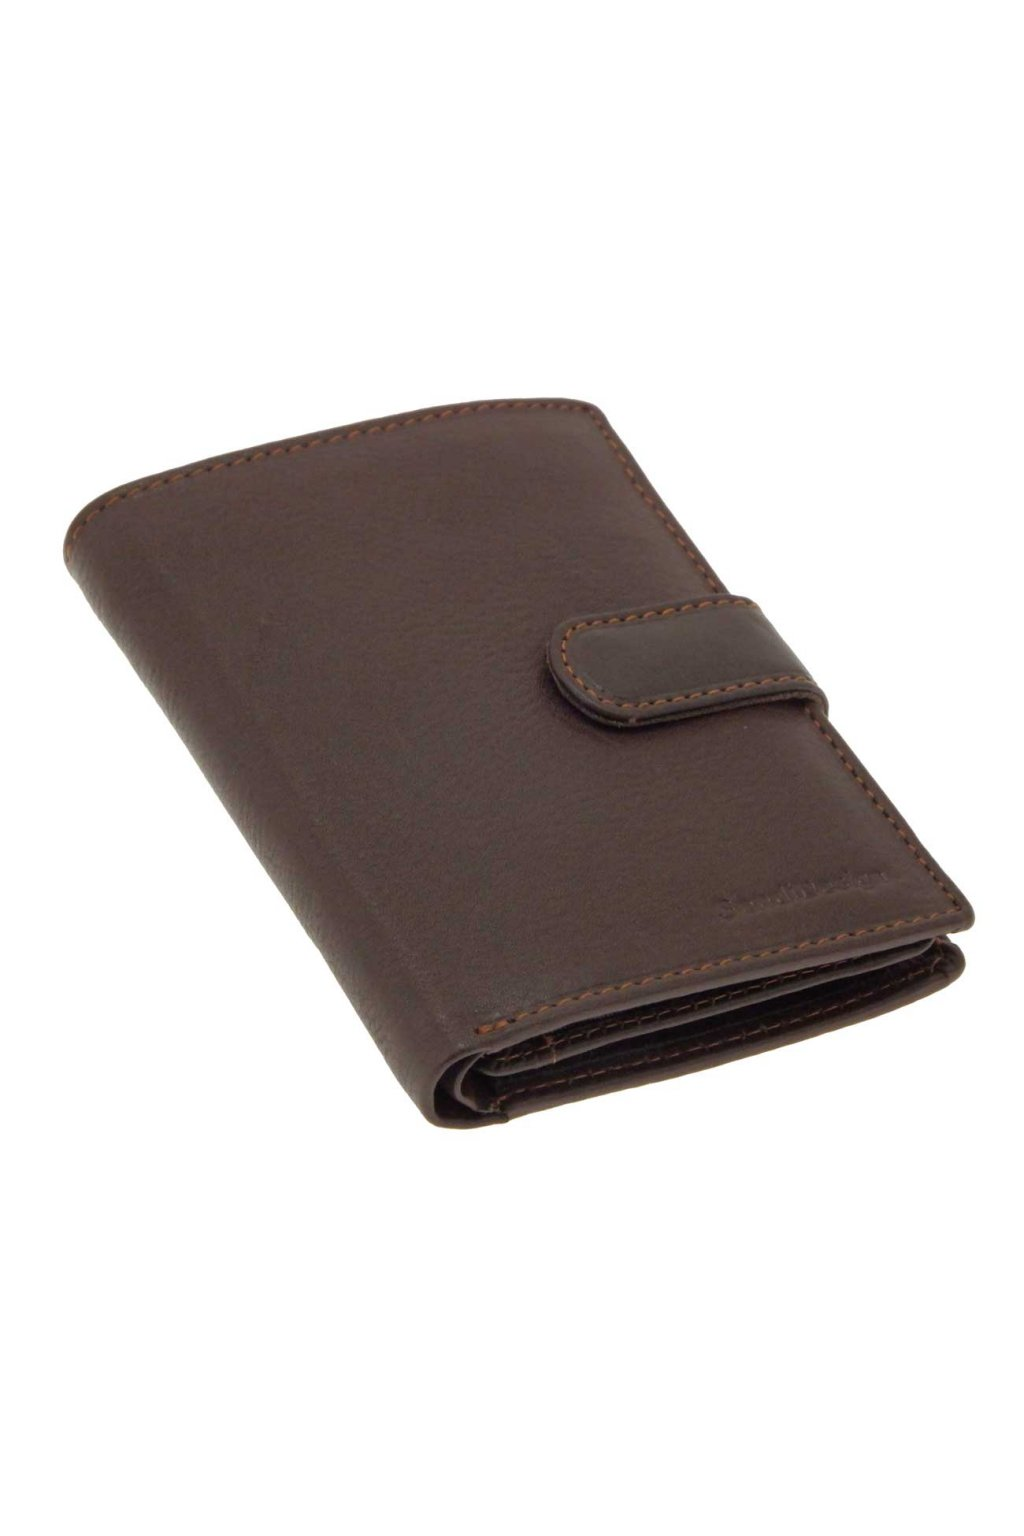 pánská kožená peněženka PKP03 5704 L H